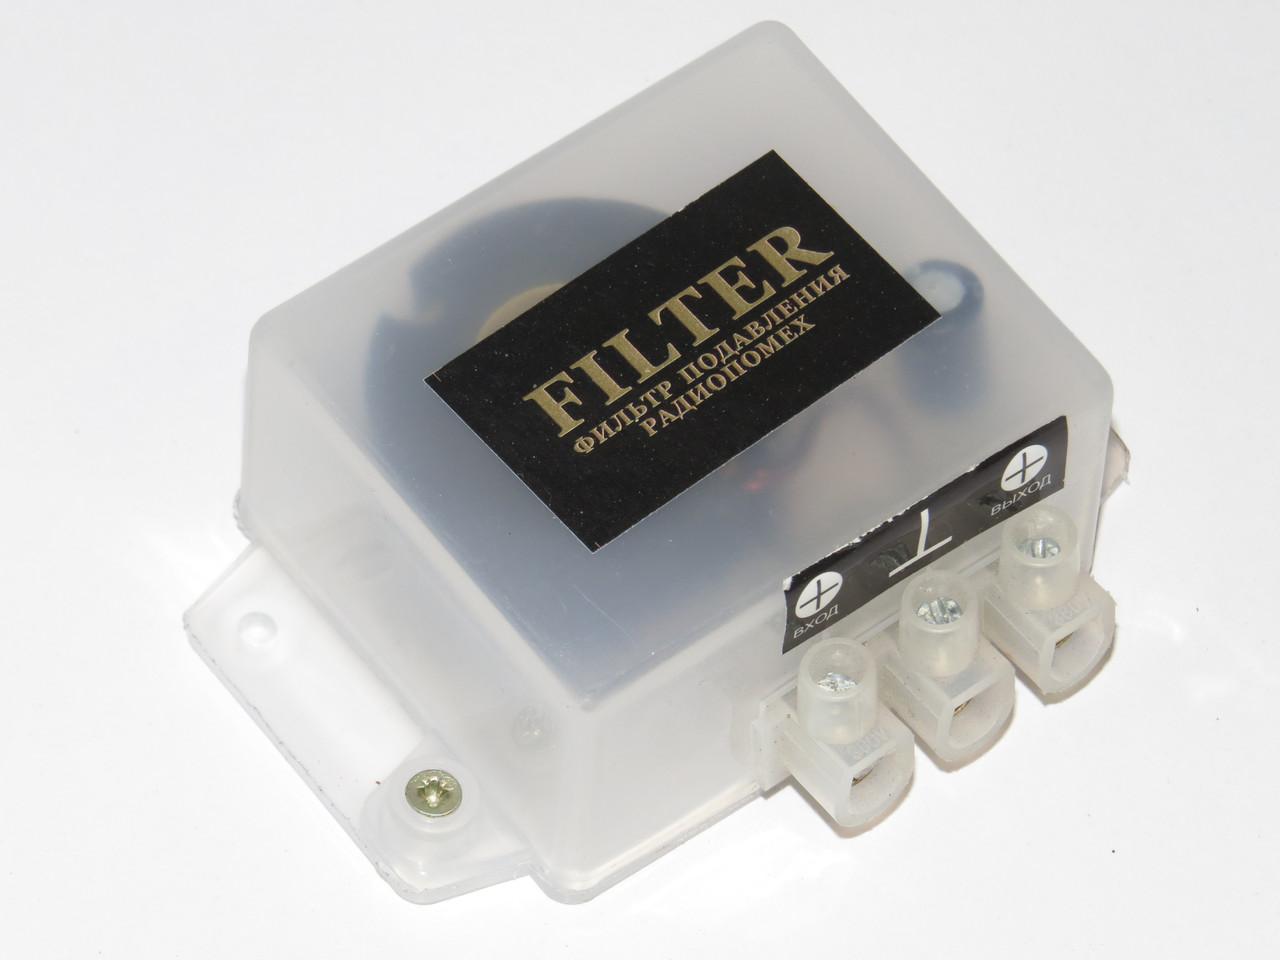 Автомобильный фильтр подавления радиопомех 12В 20А Форсаж